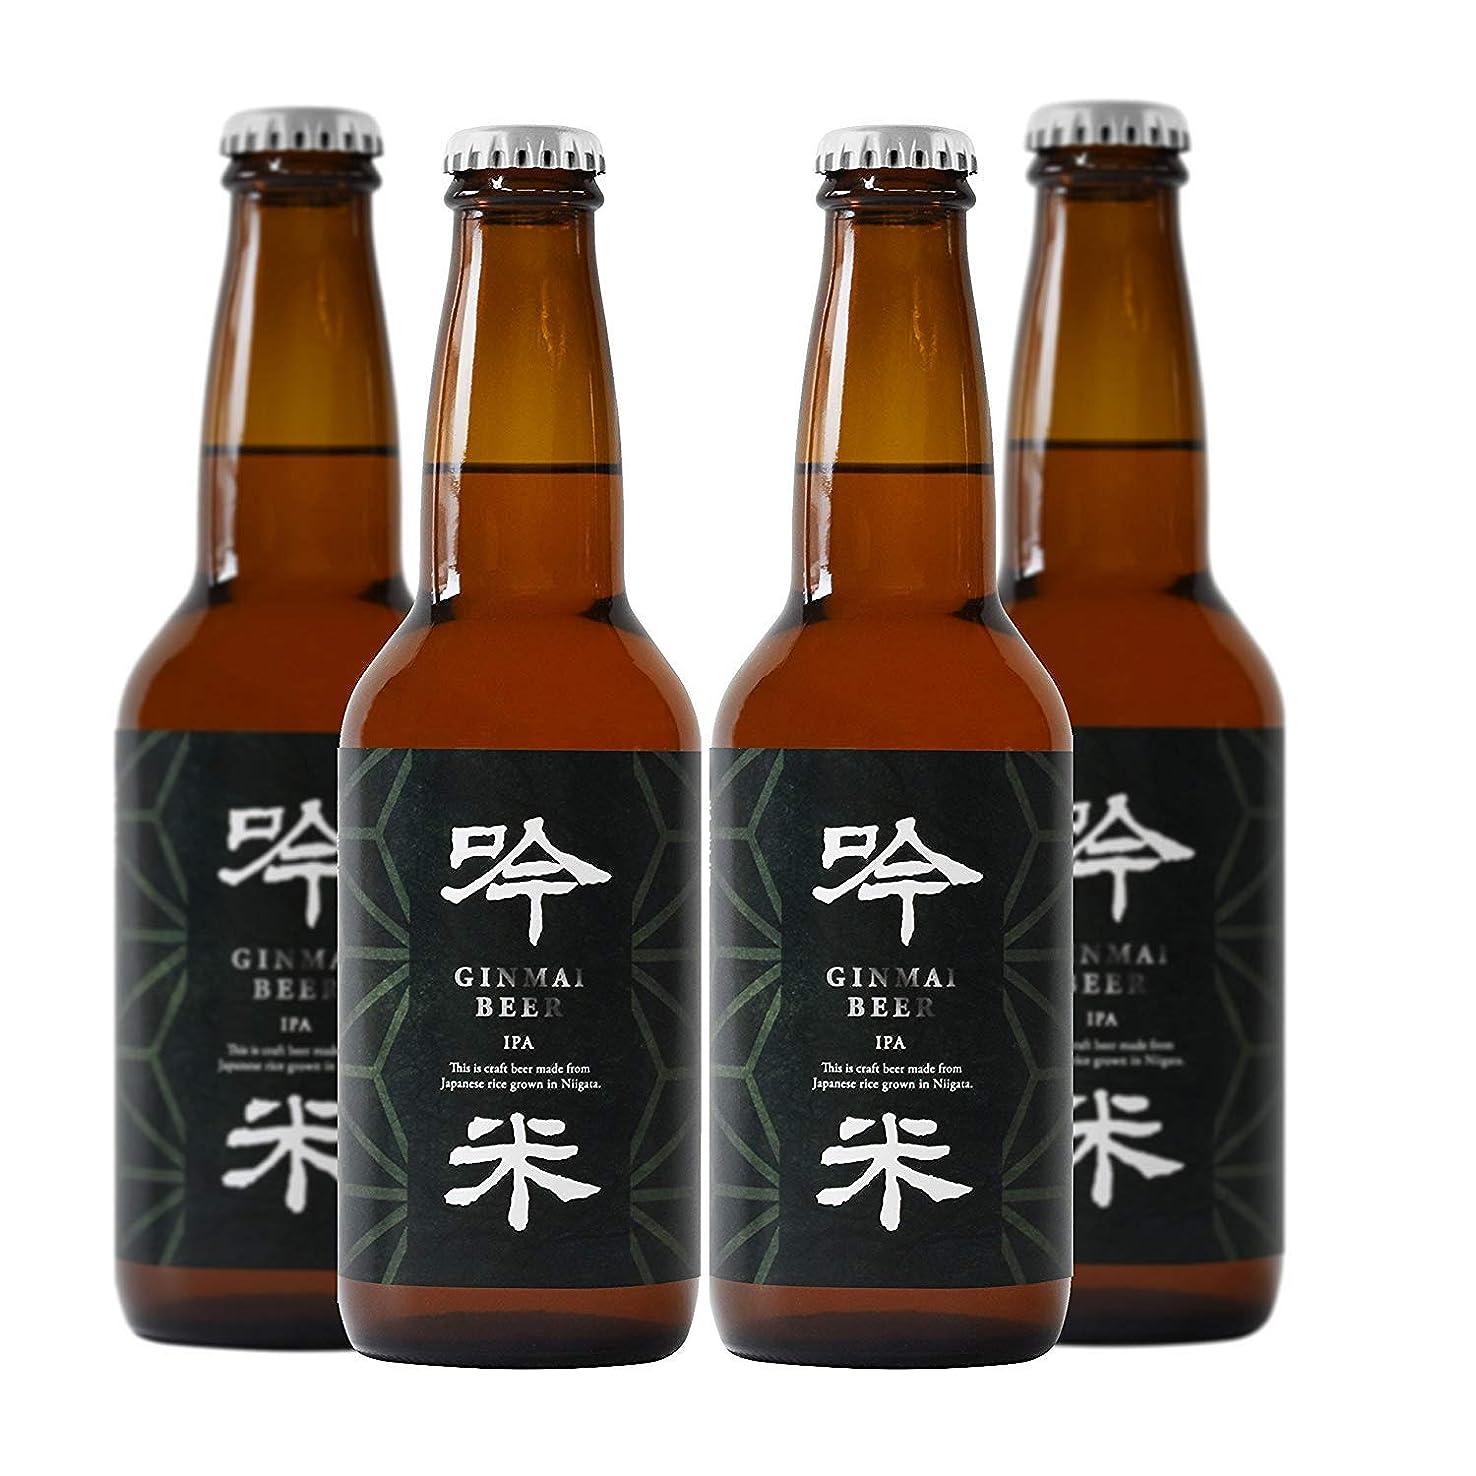 採用する預言者晩餐クラフトビール 胎内高原ビール 吟米IPA 330ml×4本セット